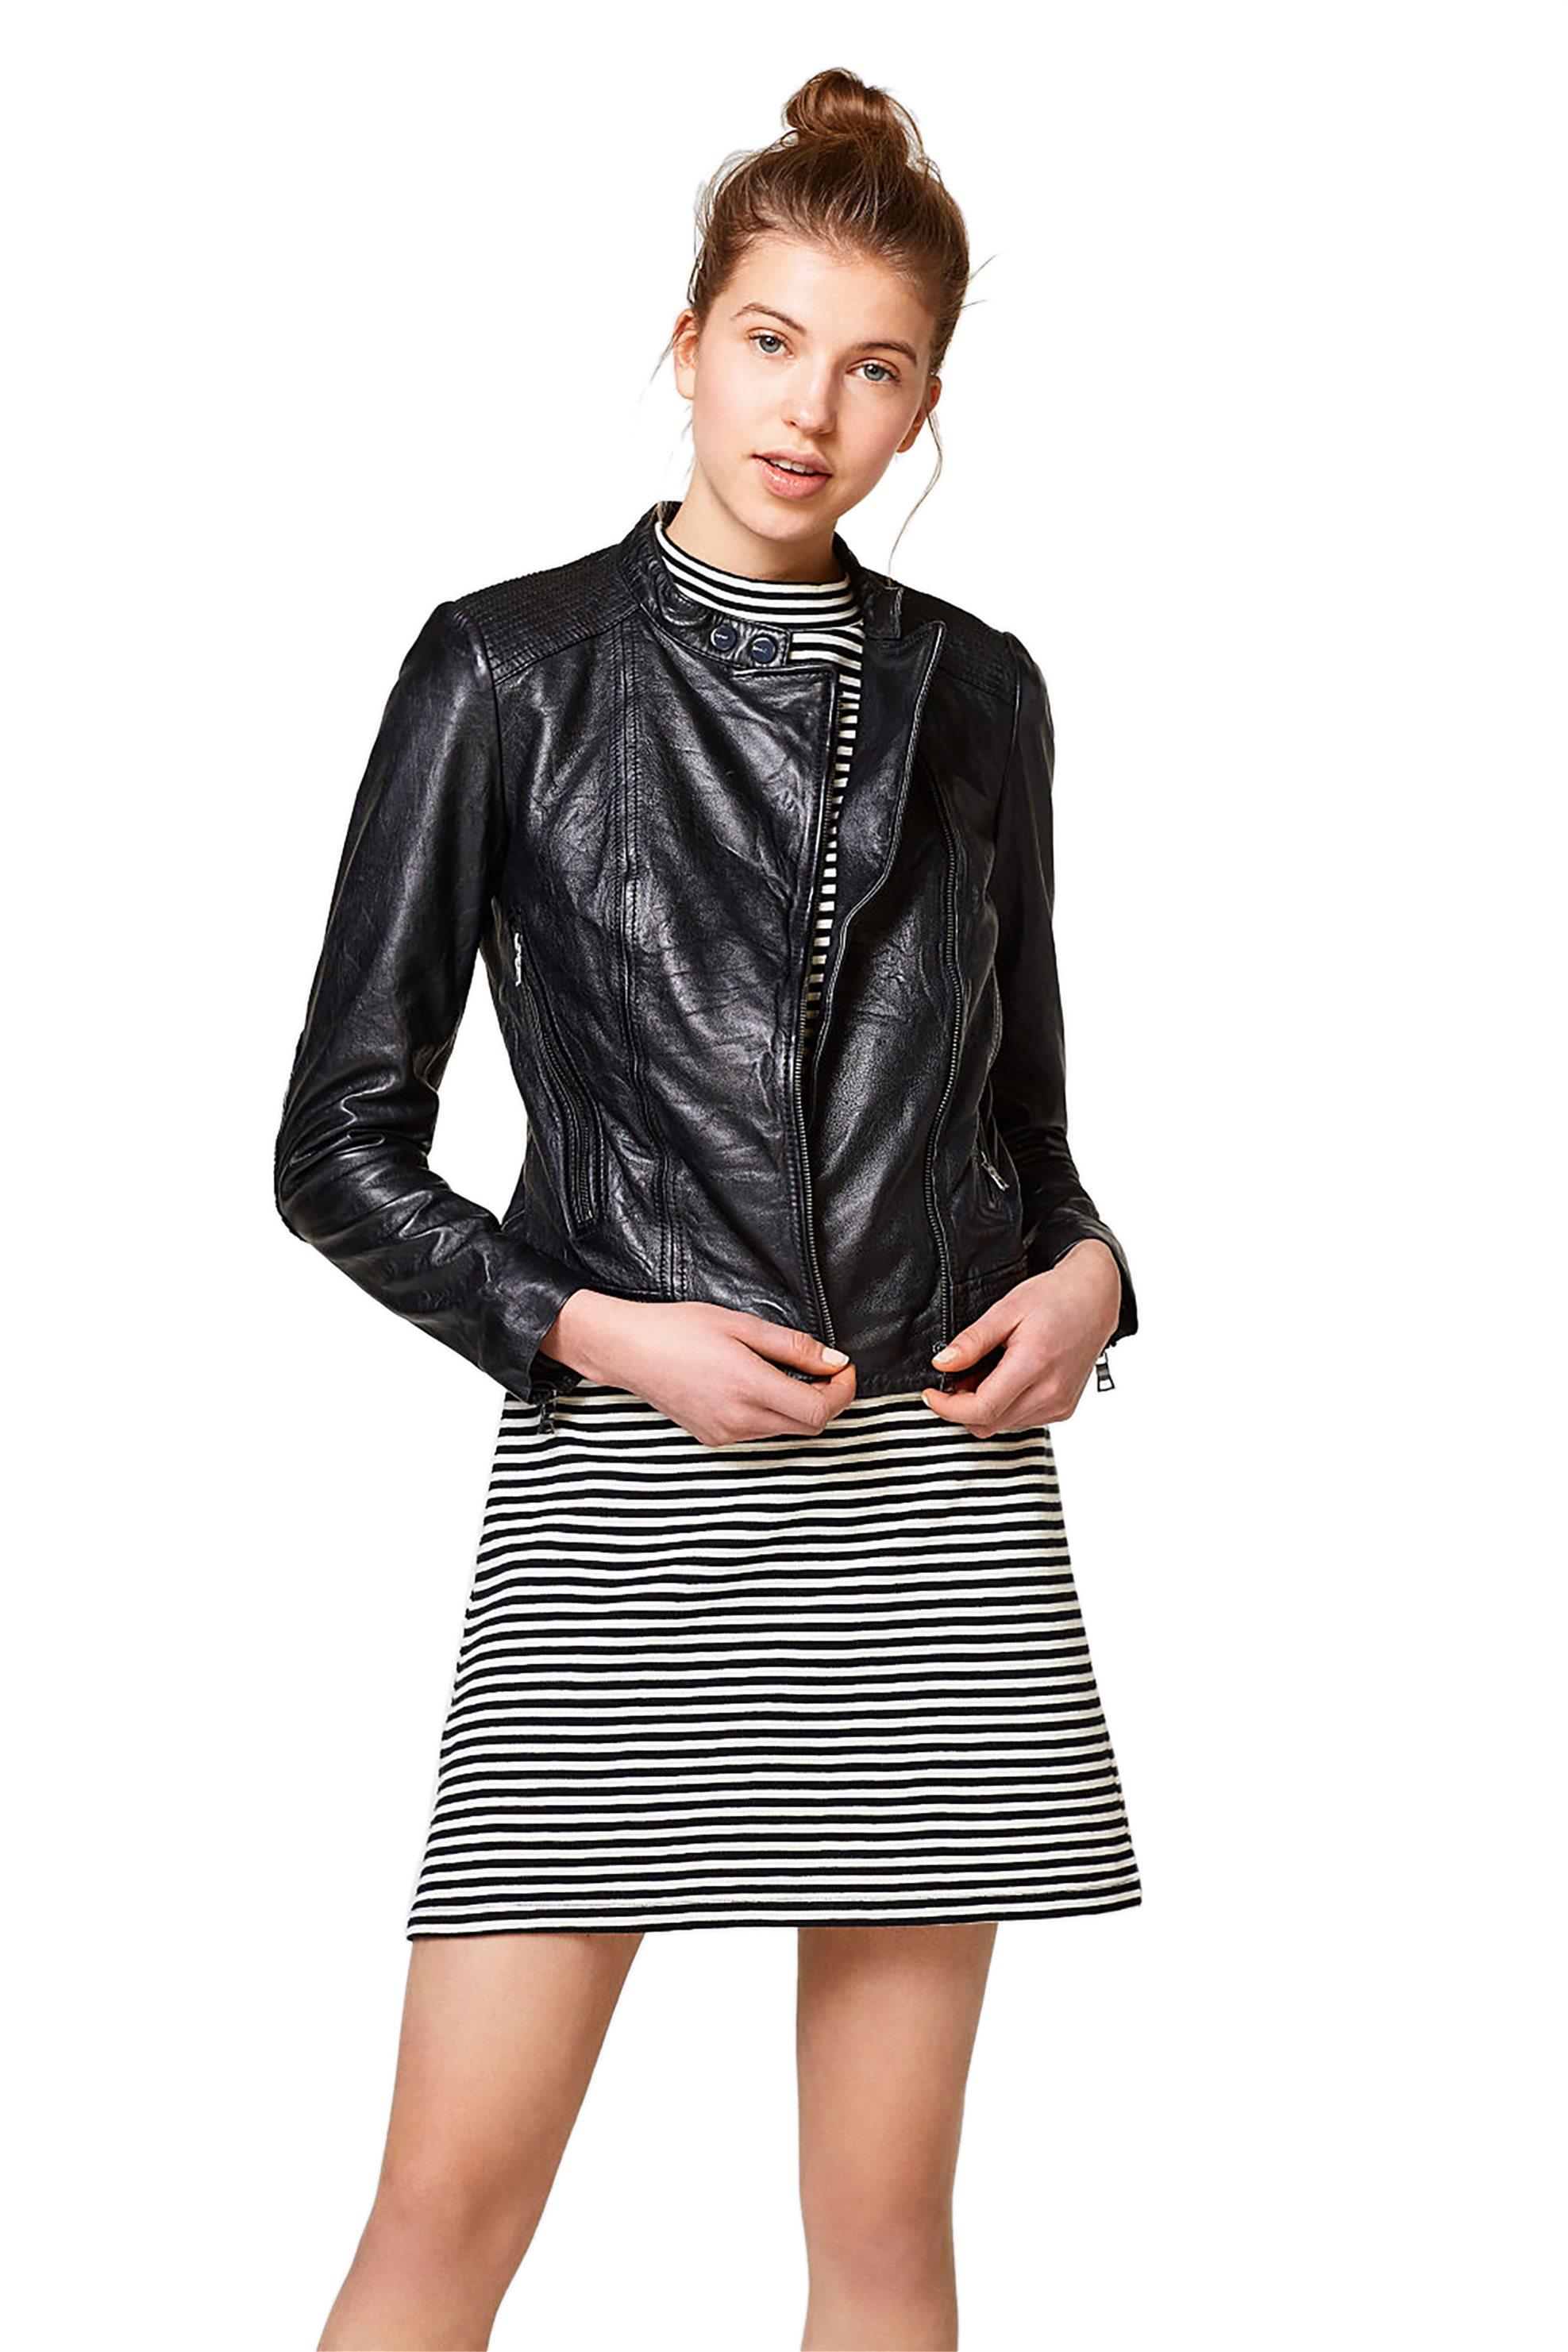 Γυναικείο δερμάτινο biker τζάκετ Esprit - 028EE1G010 - Μαύρο γυναικα   ρουχα   πανωφόρια   μπουφάν   σακάκια   δερμάτινα   faux δέρμα   biker